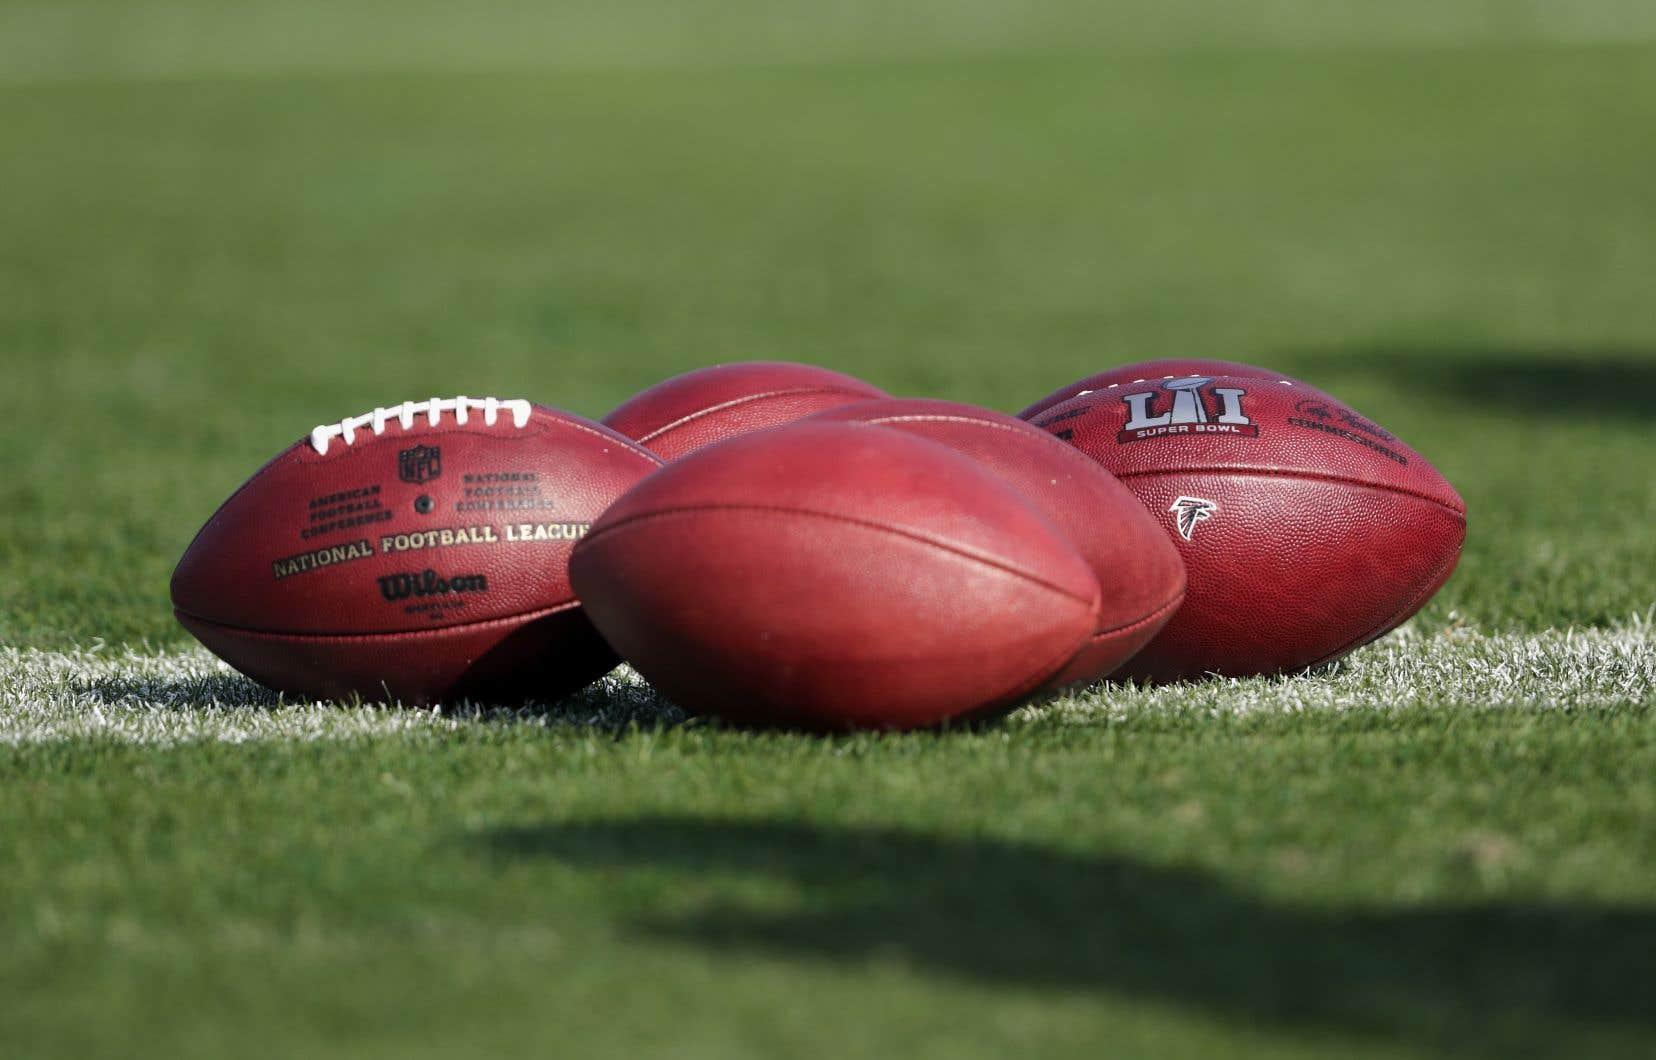 La NFL a disputé les 240 matchs programmés jusqu'à la semaine 16 incluse. Plusieurs ont toutefois été présentés plus tard que prévu, en raison de problèmes liés à la COVID-19.